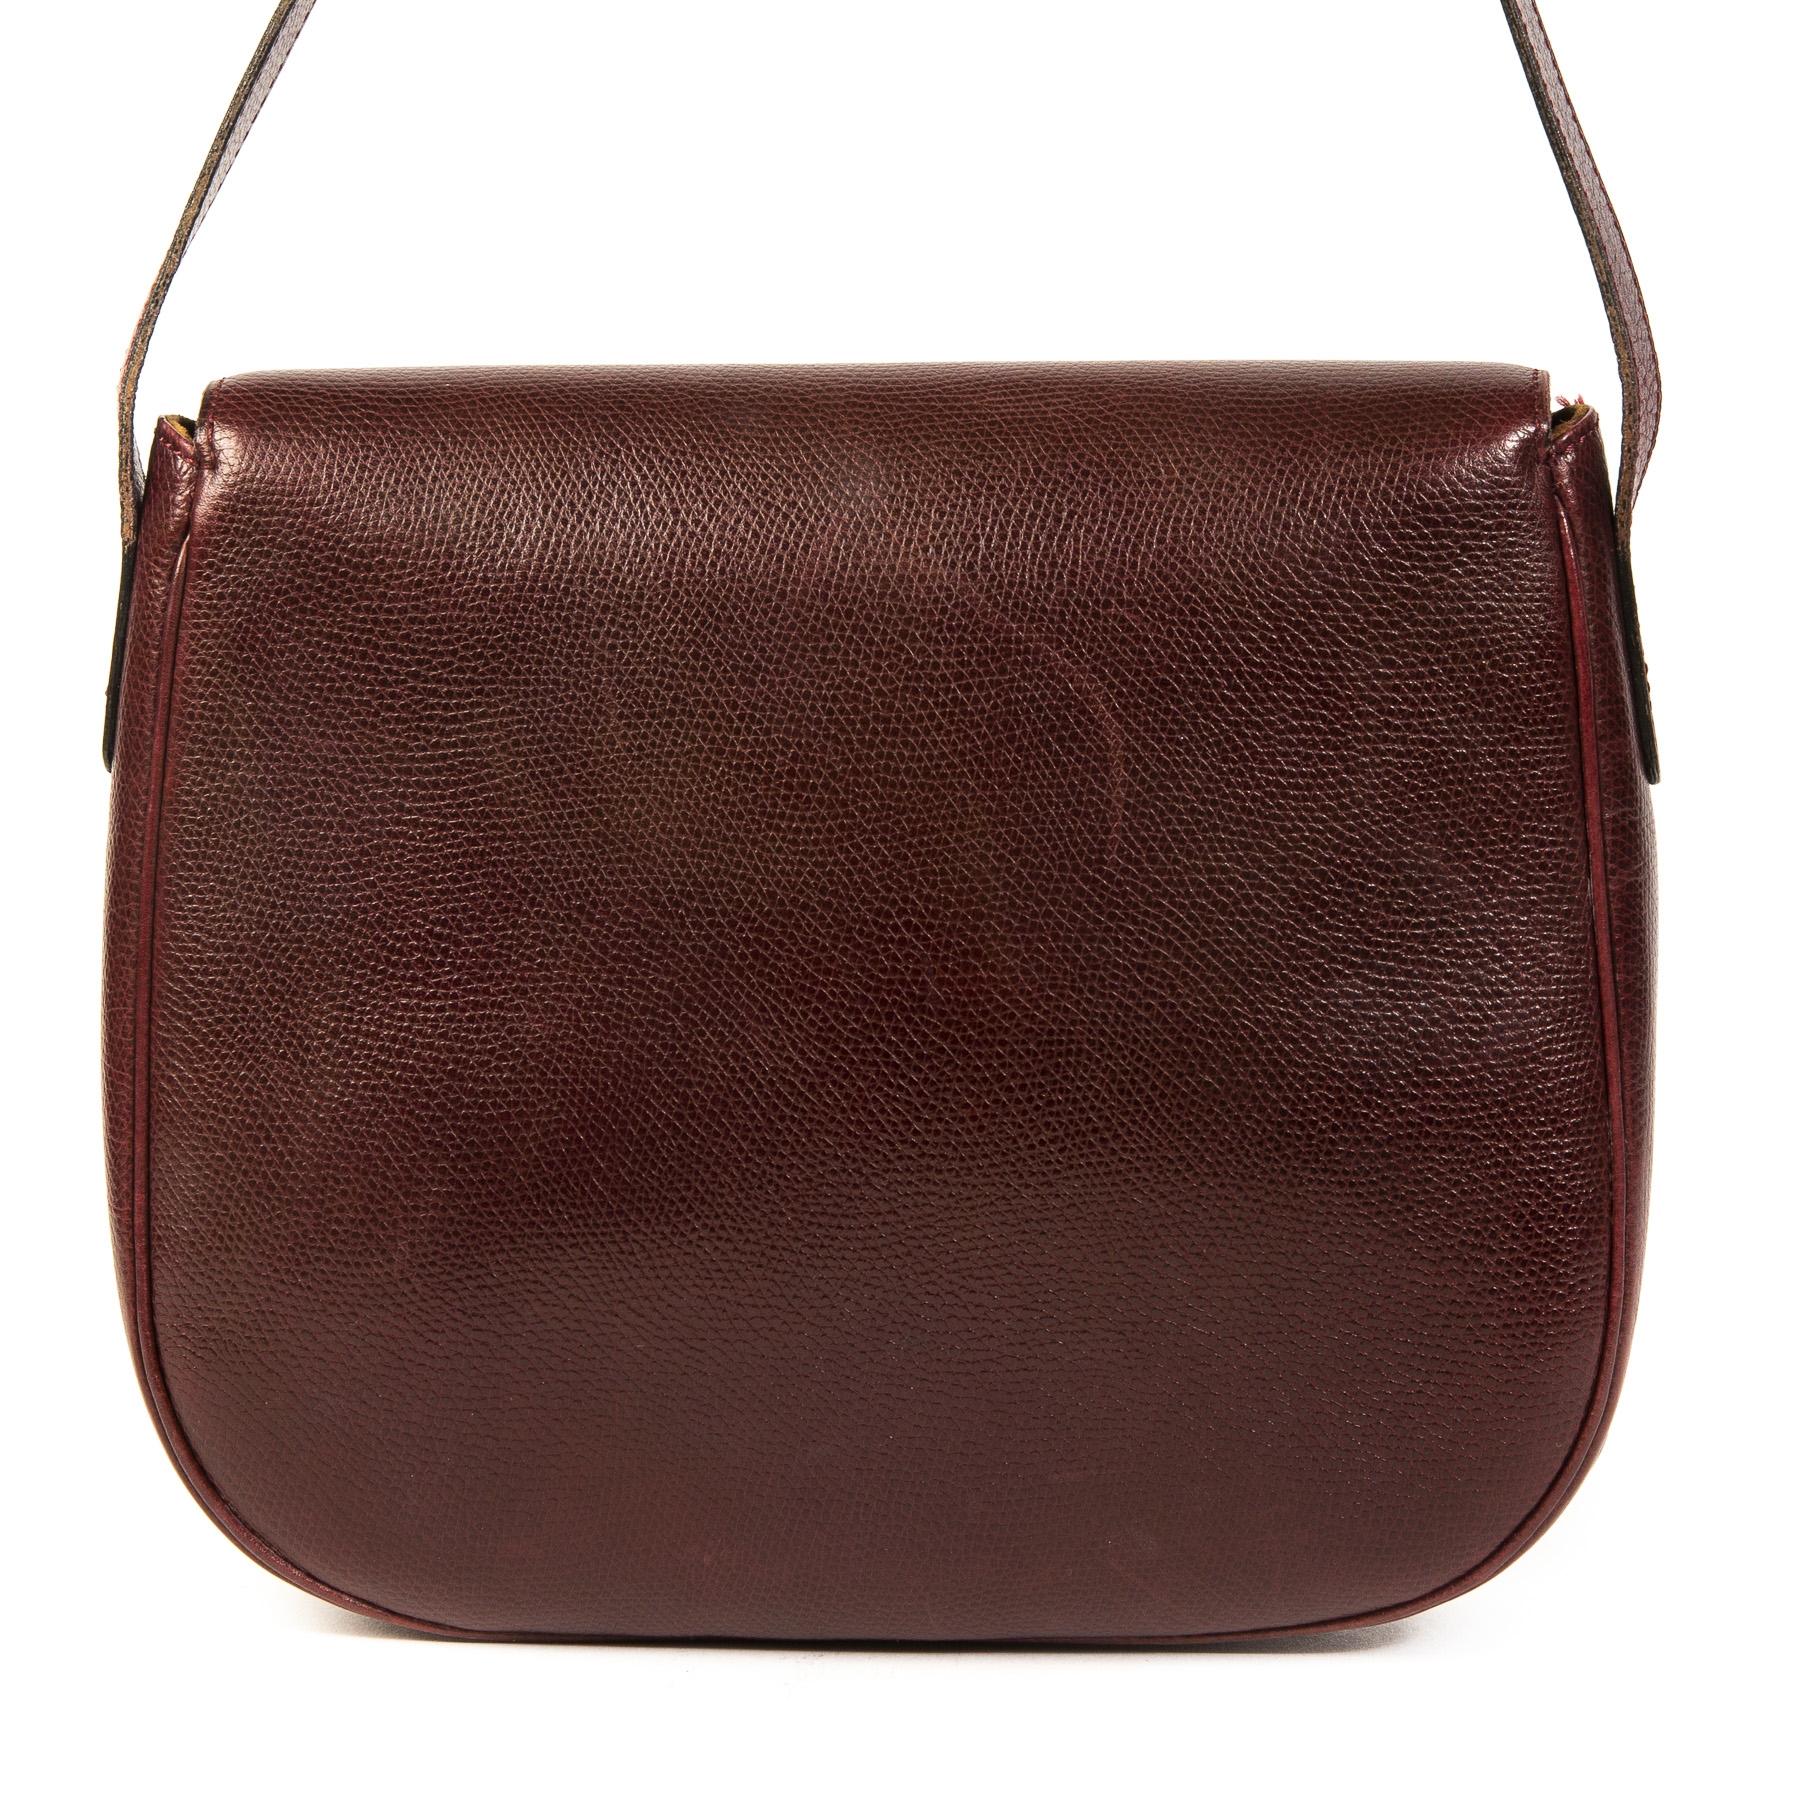 Authentieke Tweedehands Delvaux Bordeaux Leather Shoulder Bag juiste prijs veilig online shoppen luxe merken webshop winkelen Antwerpen België mode fashion